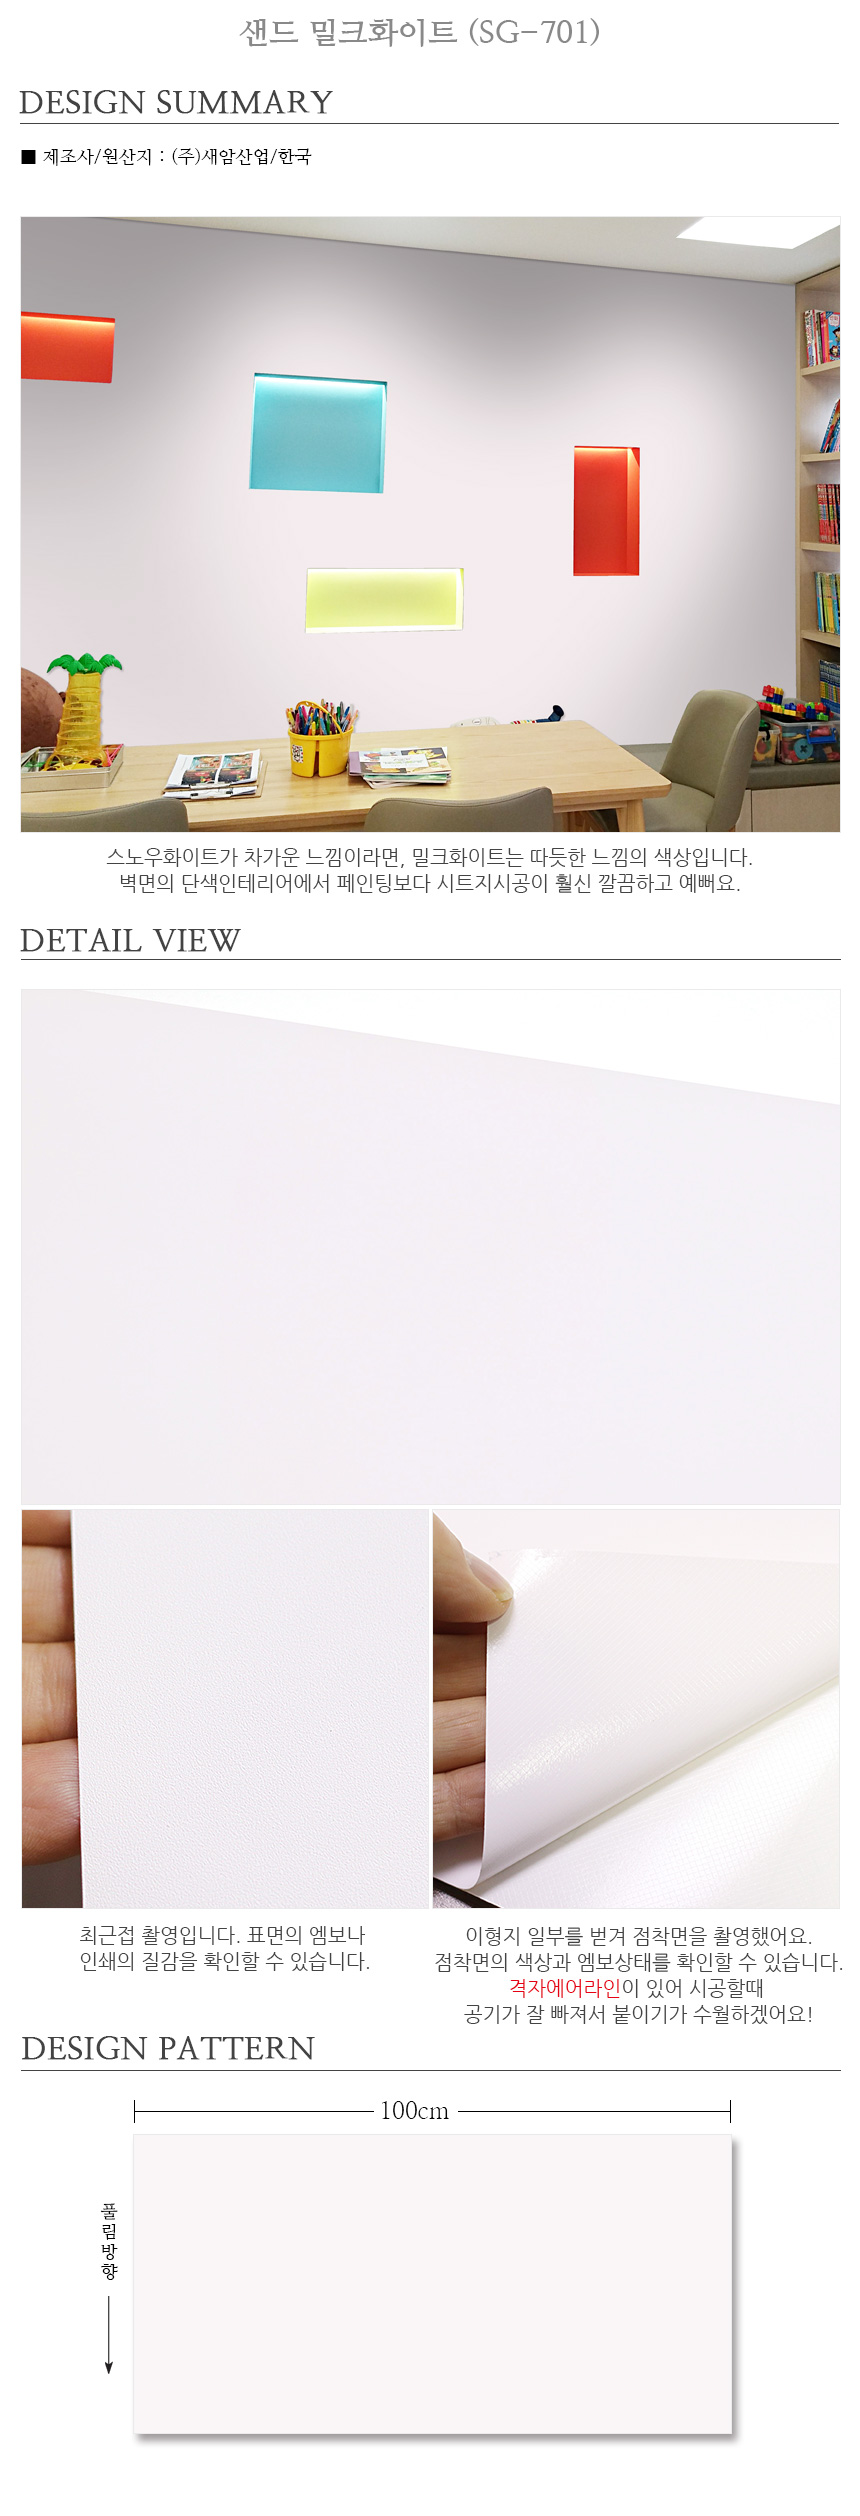 시트지 벽지 단색 인테리어필름 - 데코사랑, 6,320원, 벽지/시트지, 단색벽지